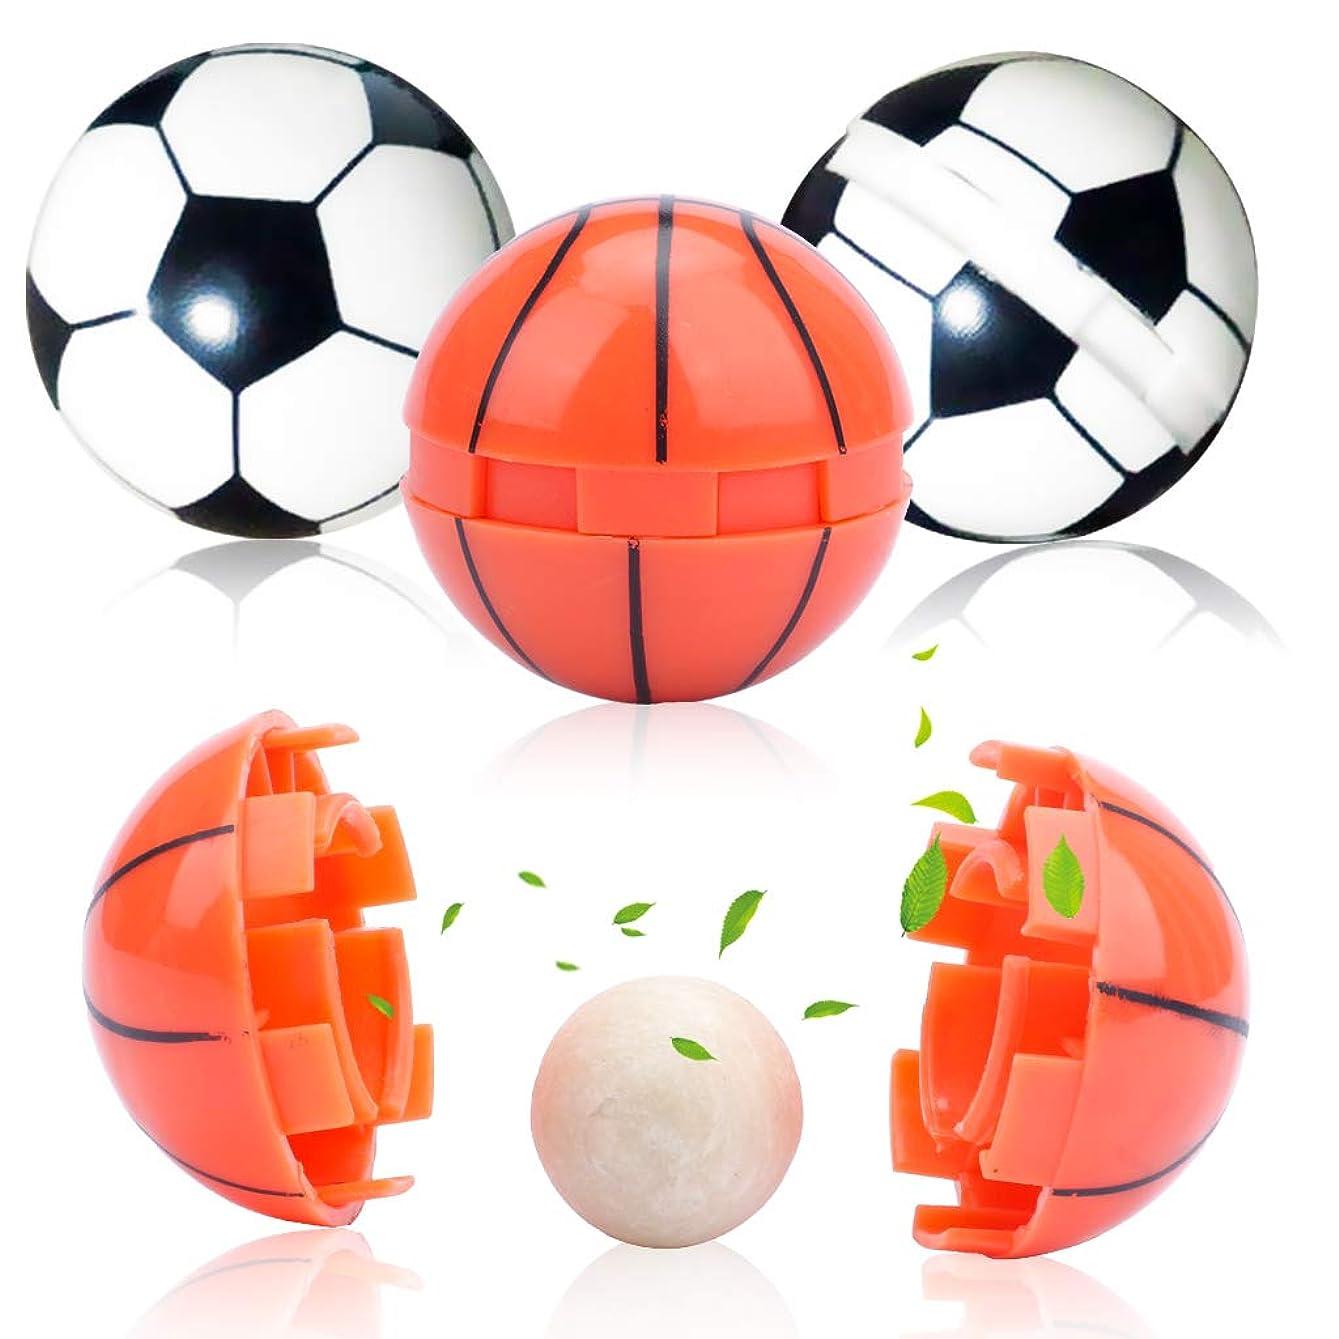 大腿フィラデルフィア感覚Amycute アロマ アロマボール 香り玉 4点セット (18mm)750g 丸型 サッカー&バスケットボールデザイン 香りが長続き